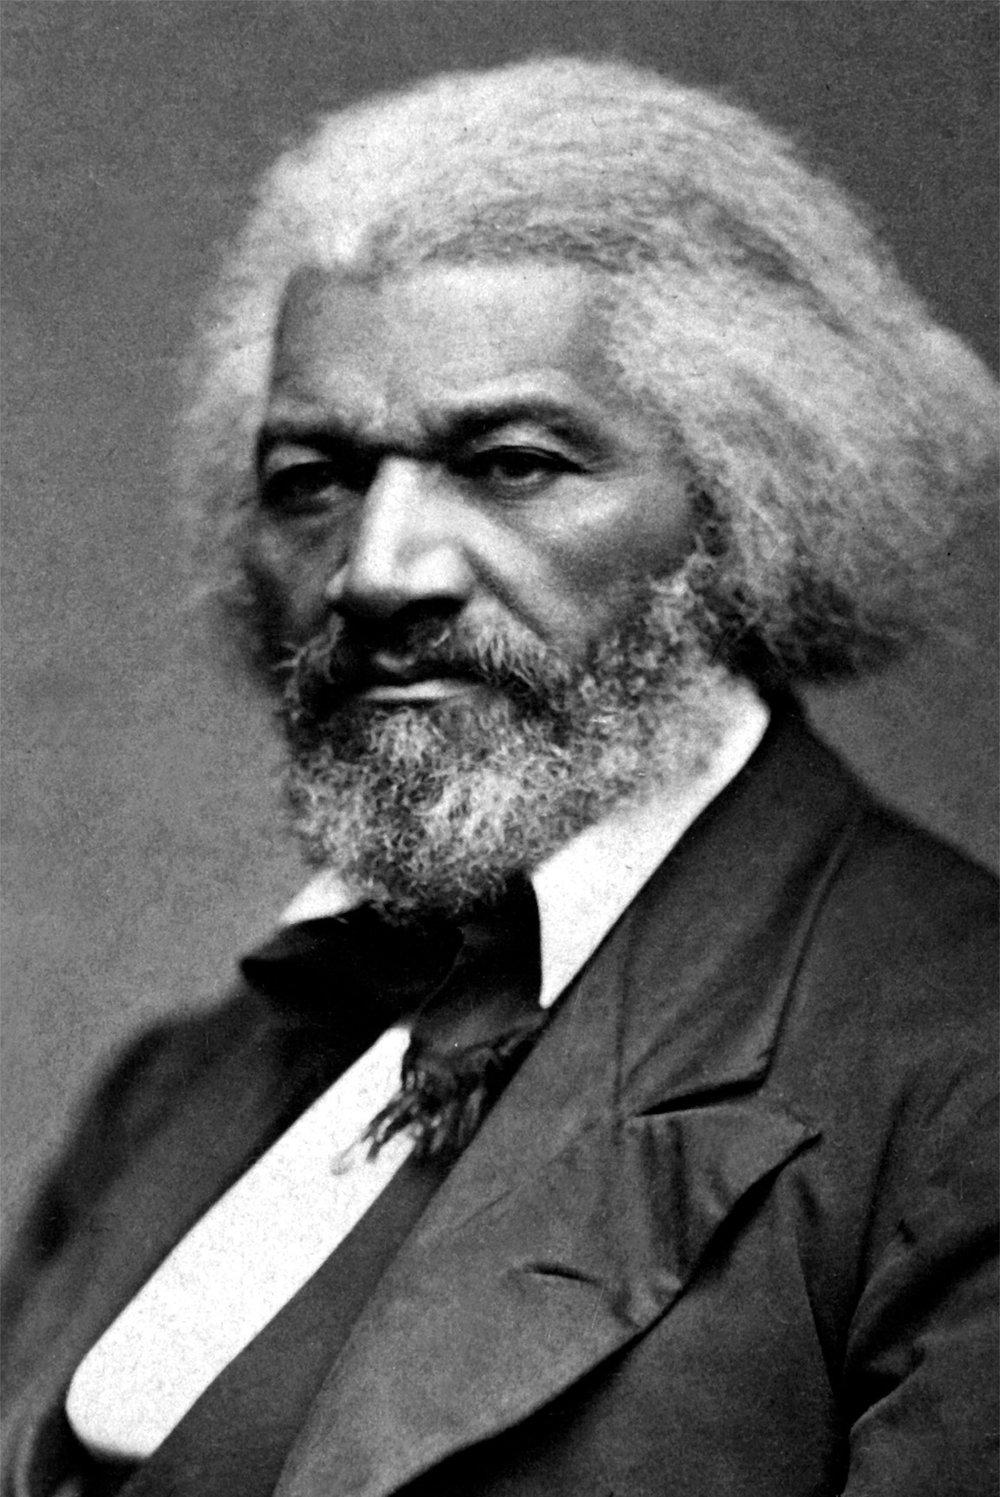 Copy of Frederick Douglas